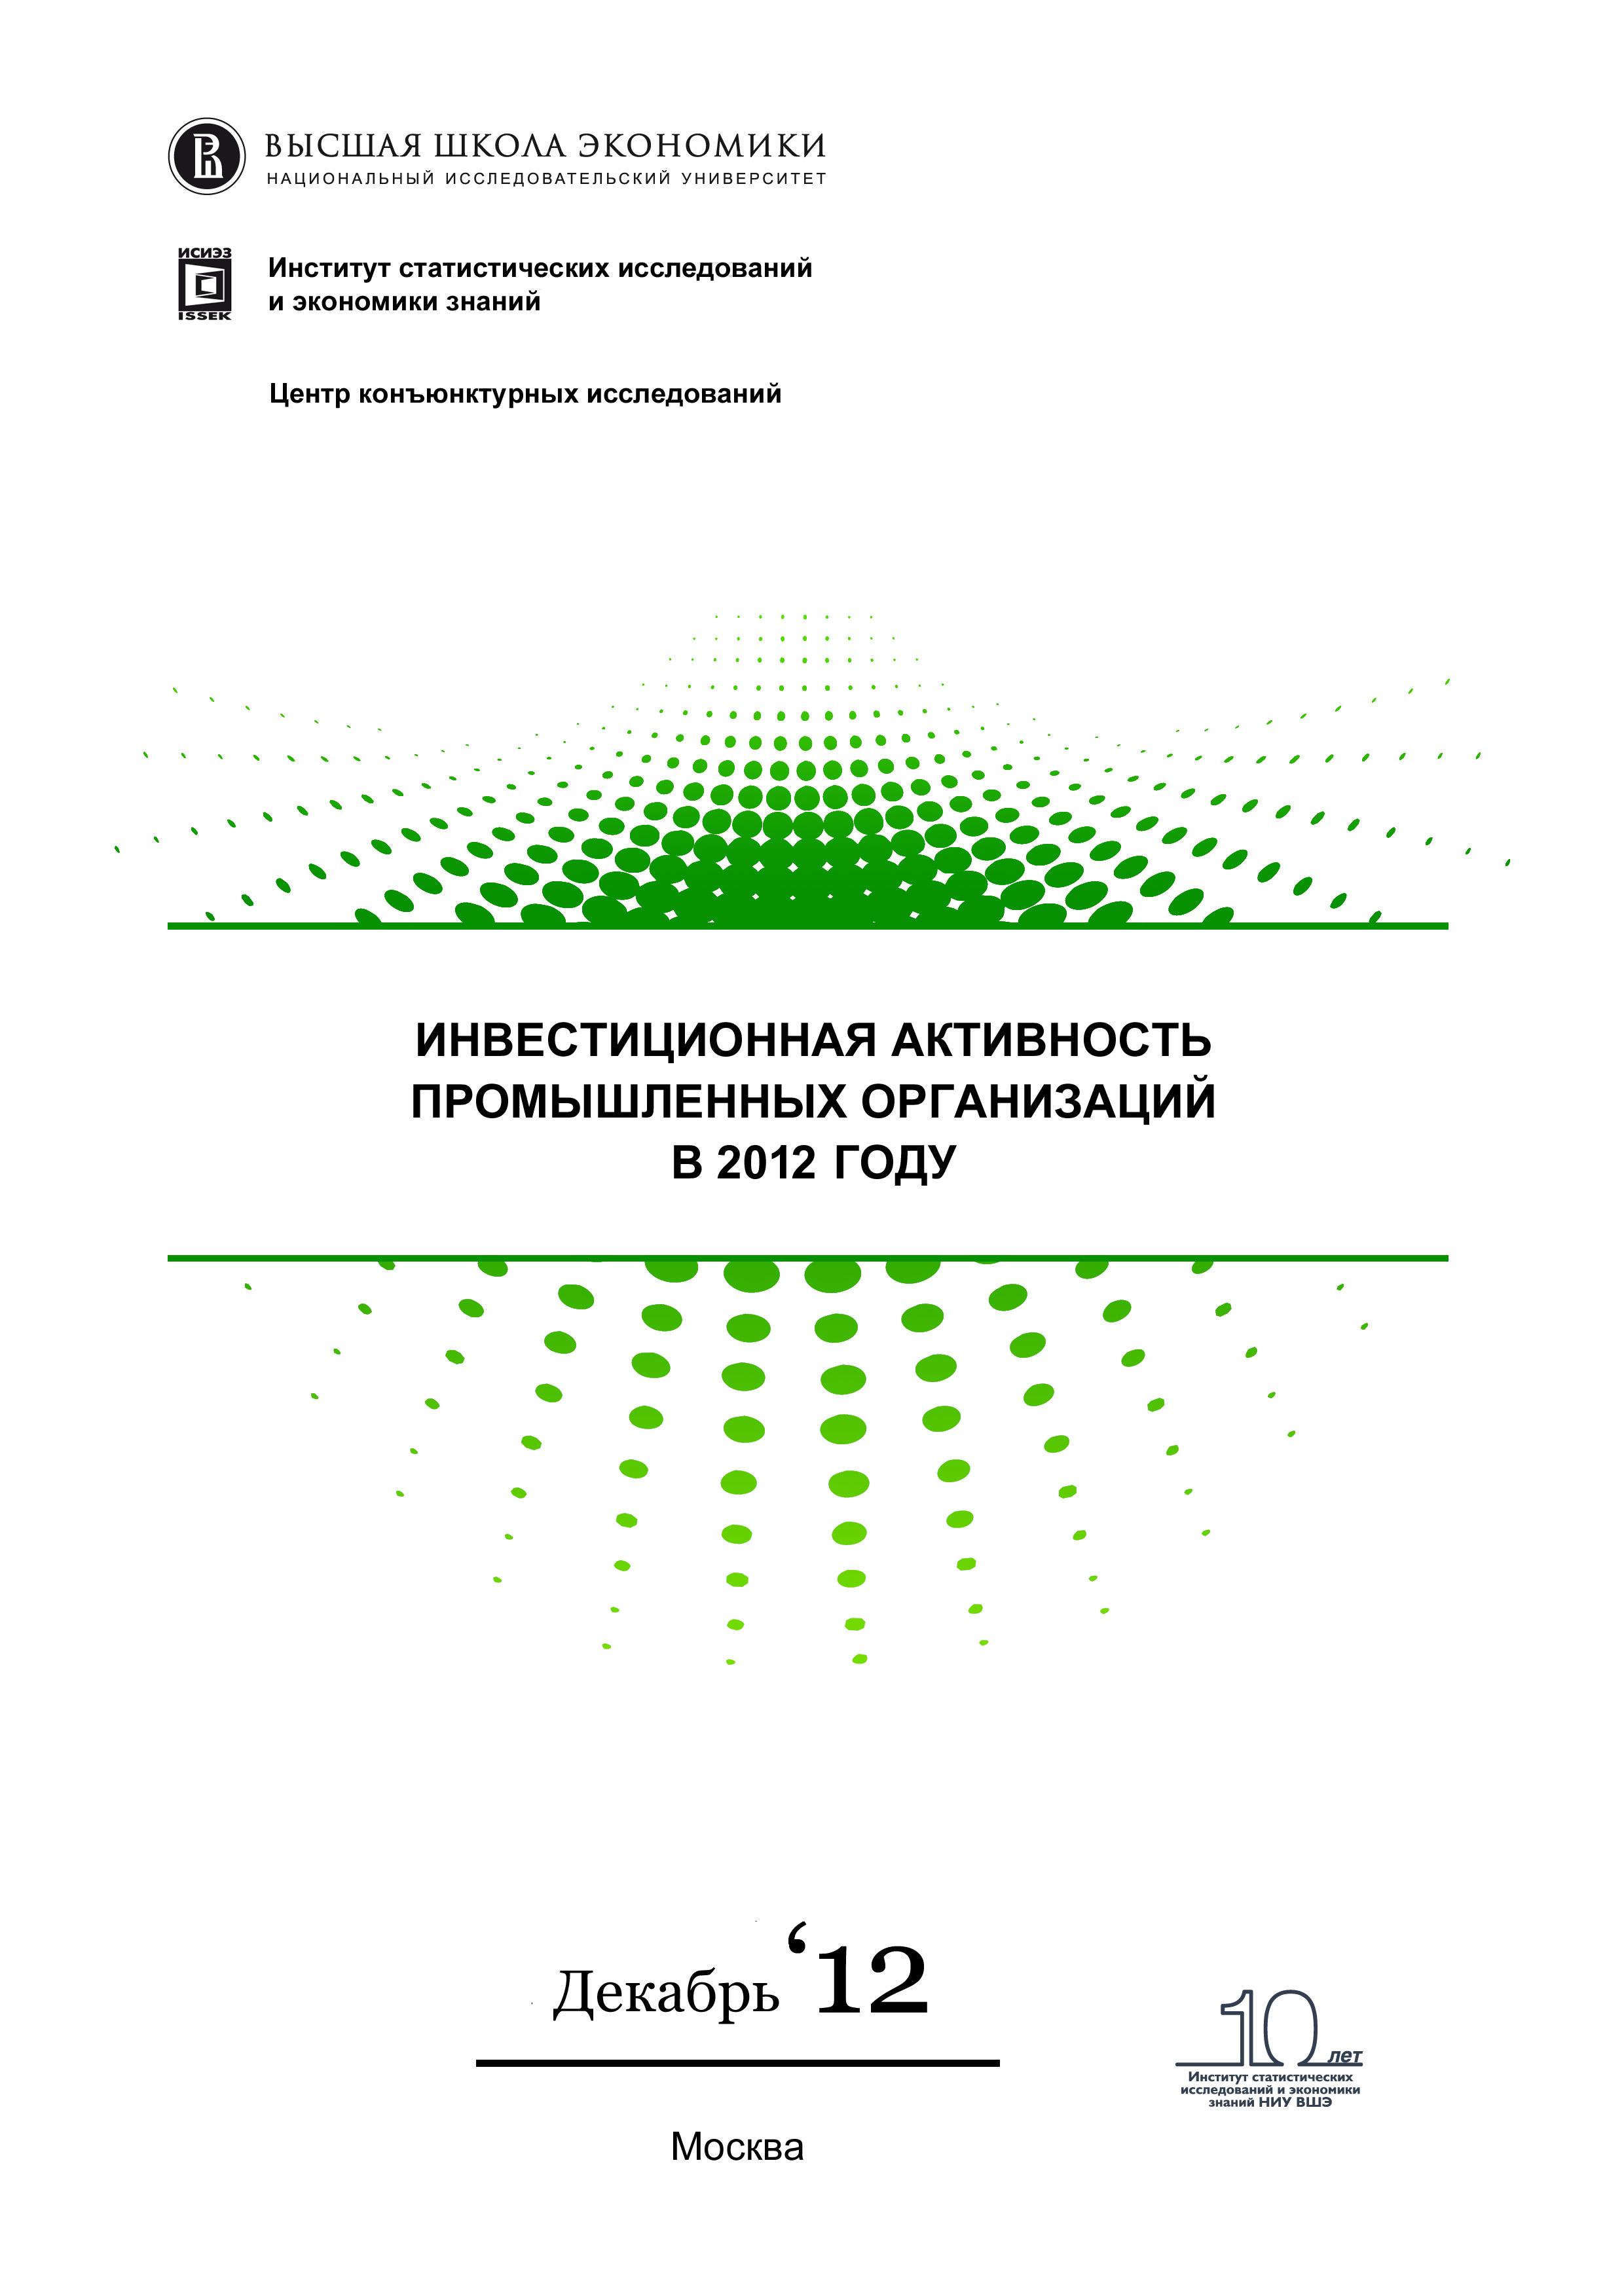 Инвестиционная активность промышленных организаций в 2012 году